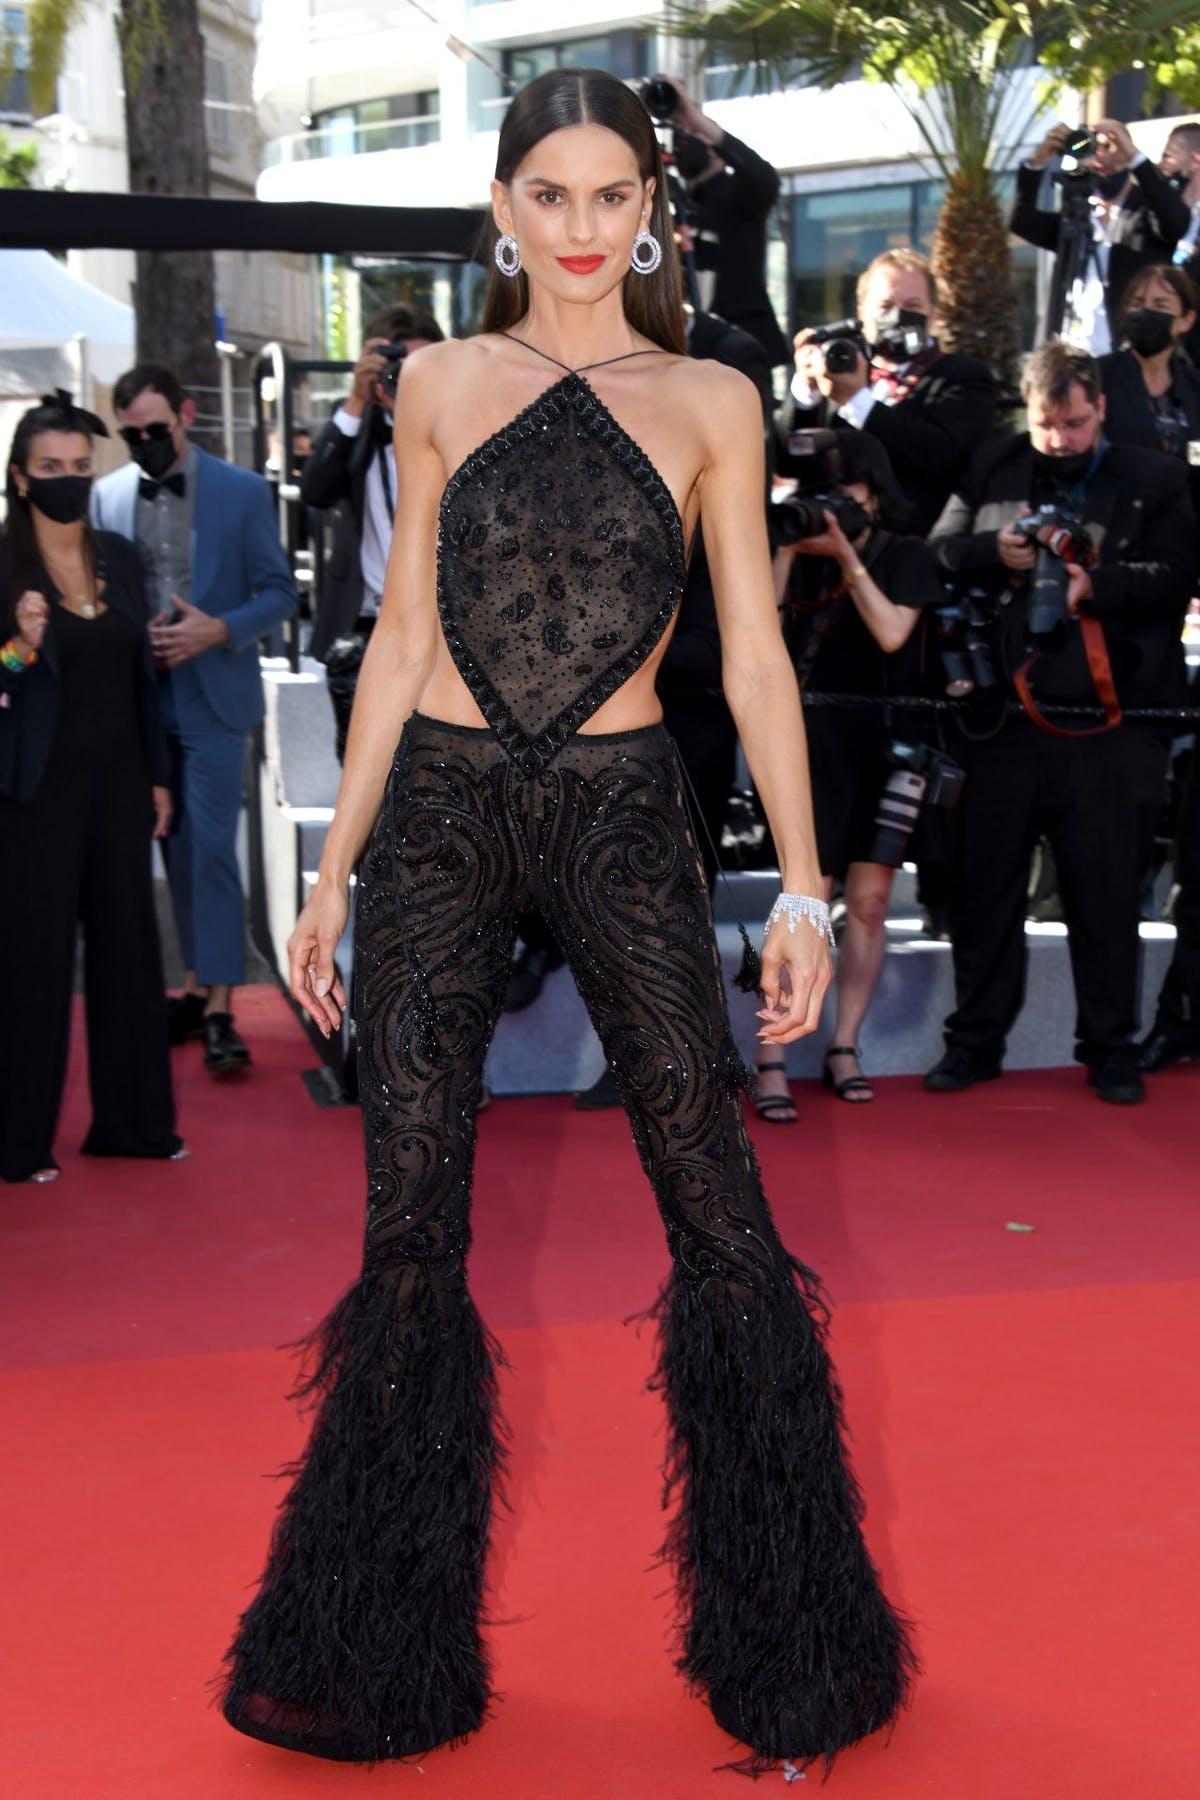 Izabel Goulart - bạn gái của thủ môn Kevin Trapp nhanh chóng hút rừng ống kính khi xuất hiện trên thảm đỏ LHP Cannes ngày thứ 3